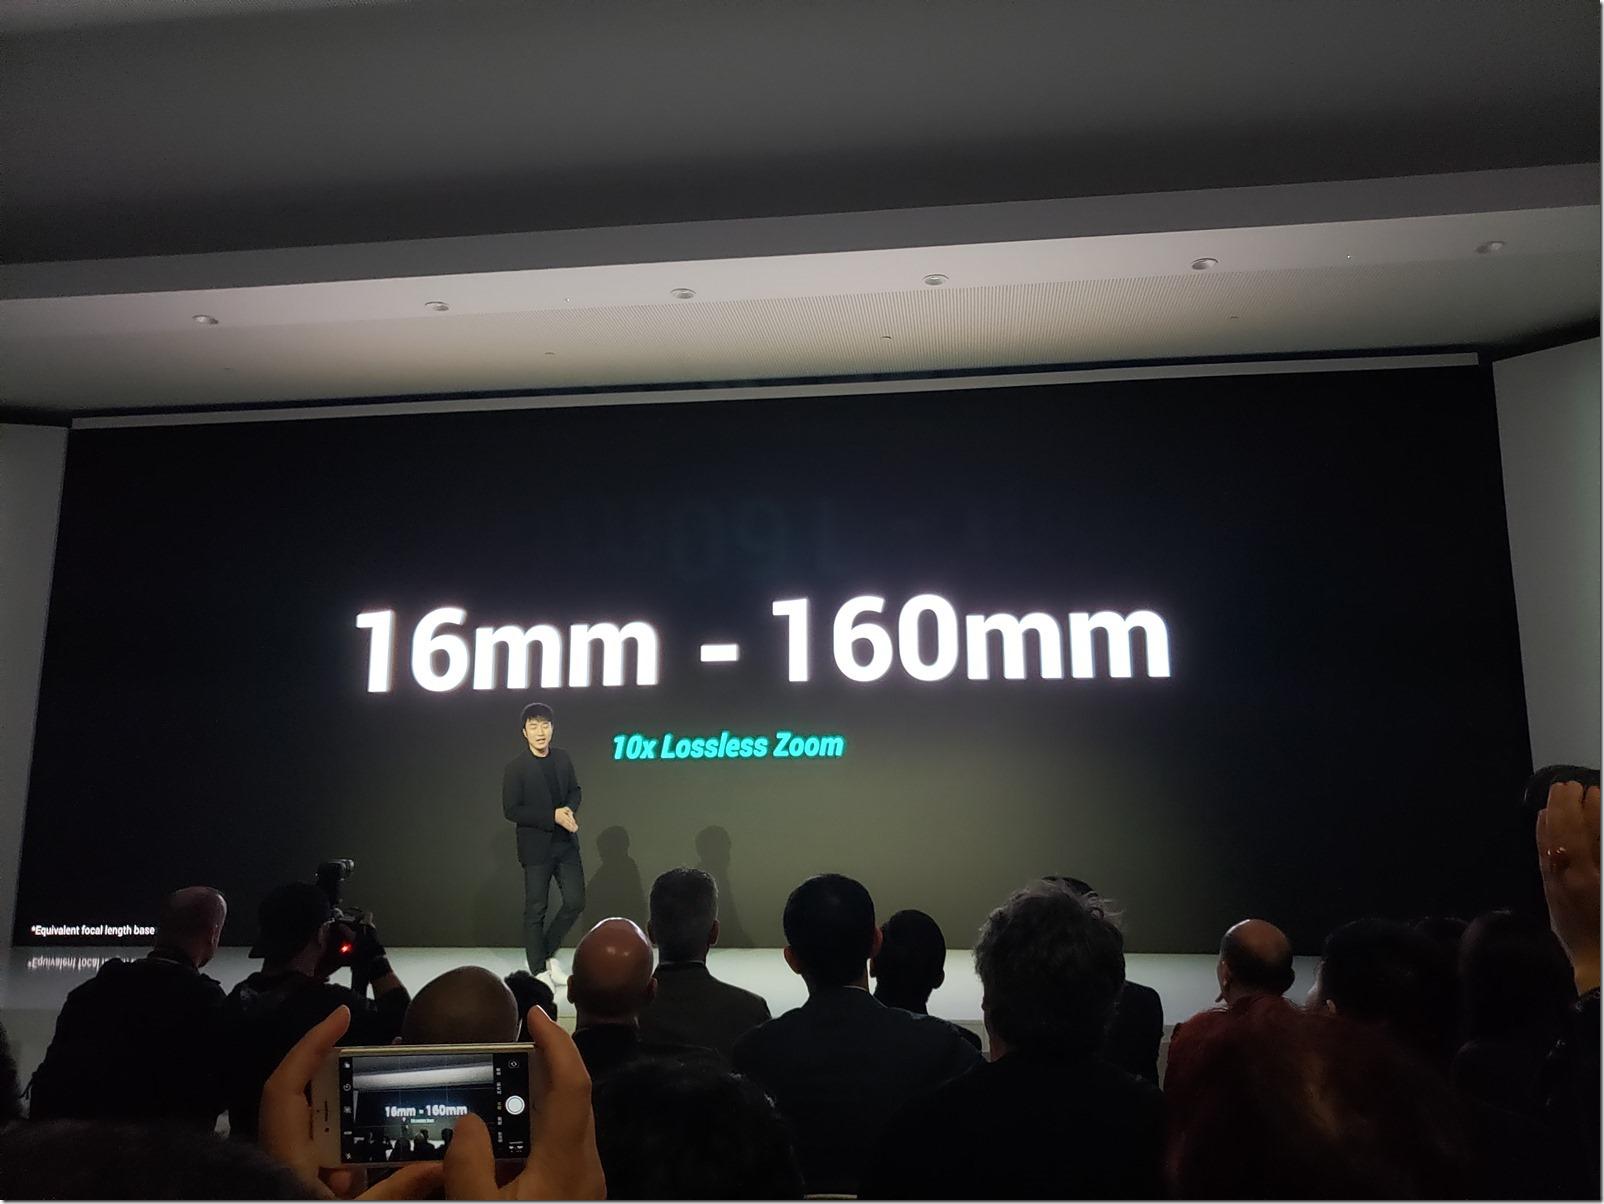 10 倍光學變焦手機來啦!OPPO 發表三鏡頭創新科技實現十倍混合變焦技術!(含實拍照) @3C 達人廖阿輝